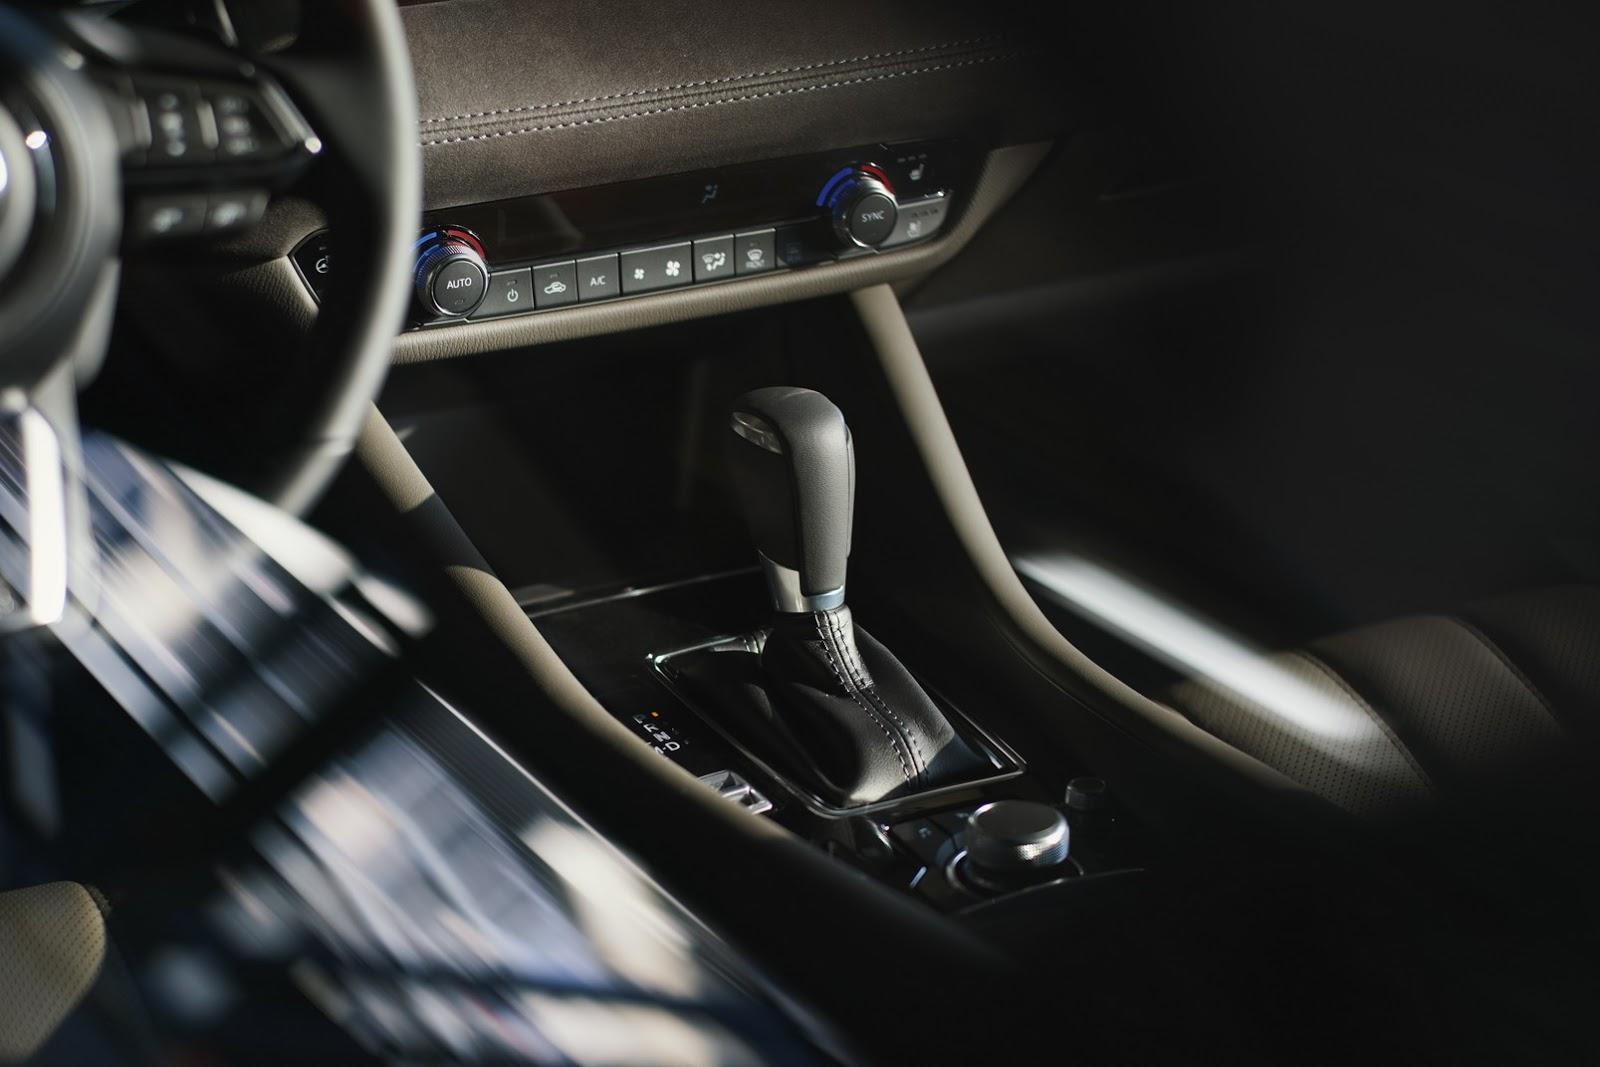 2019-Mazda6-14.jpg